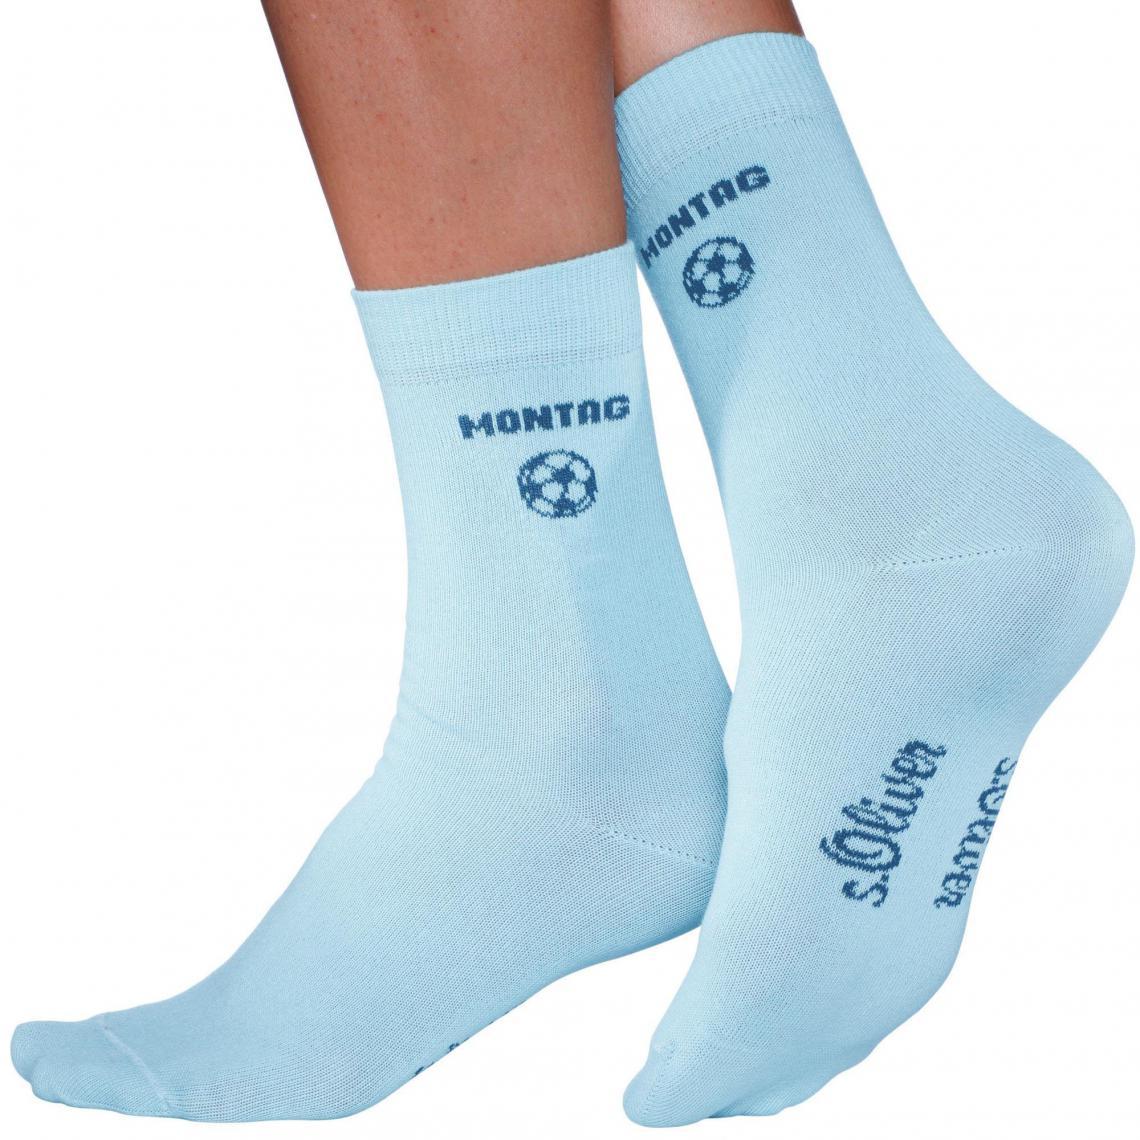 0e177c1322d94 Lot de 7 paires de chaussettes, fille, garçon S.Oliver - Bleu   3 ...